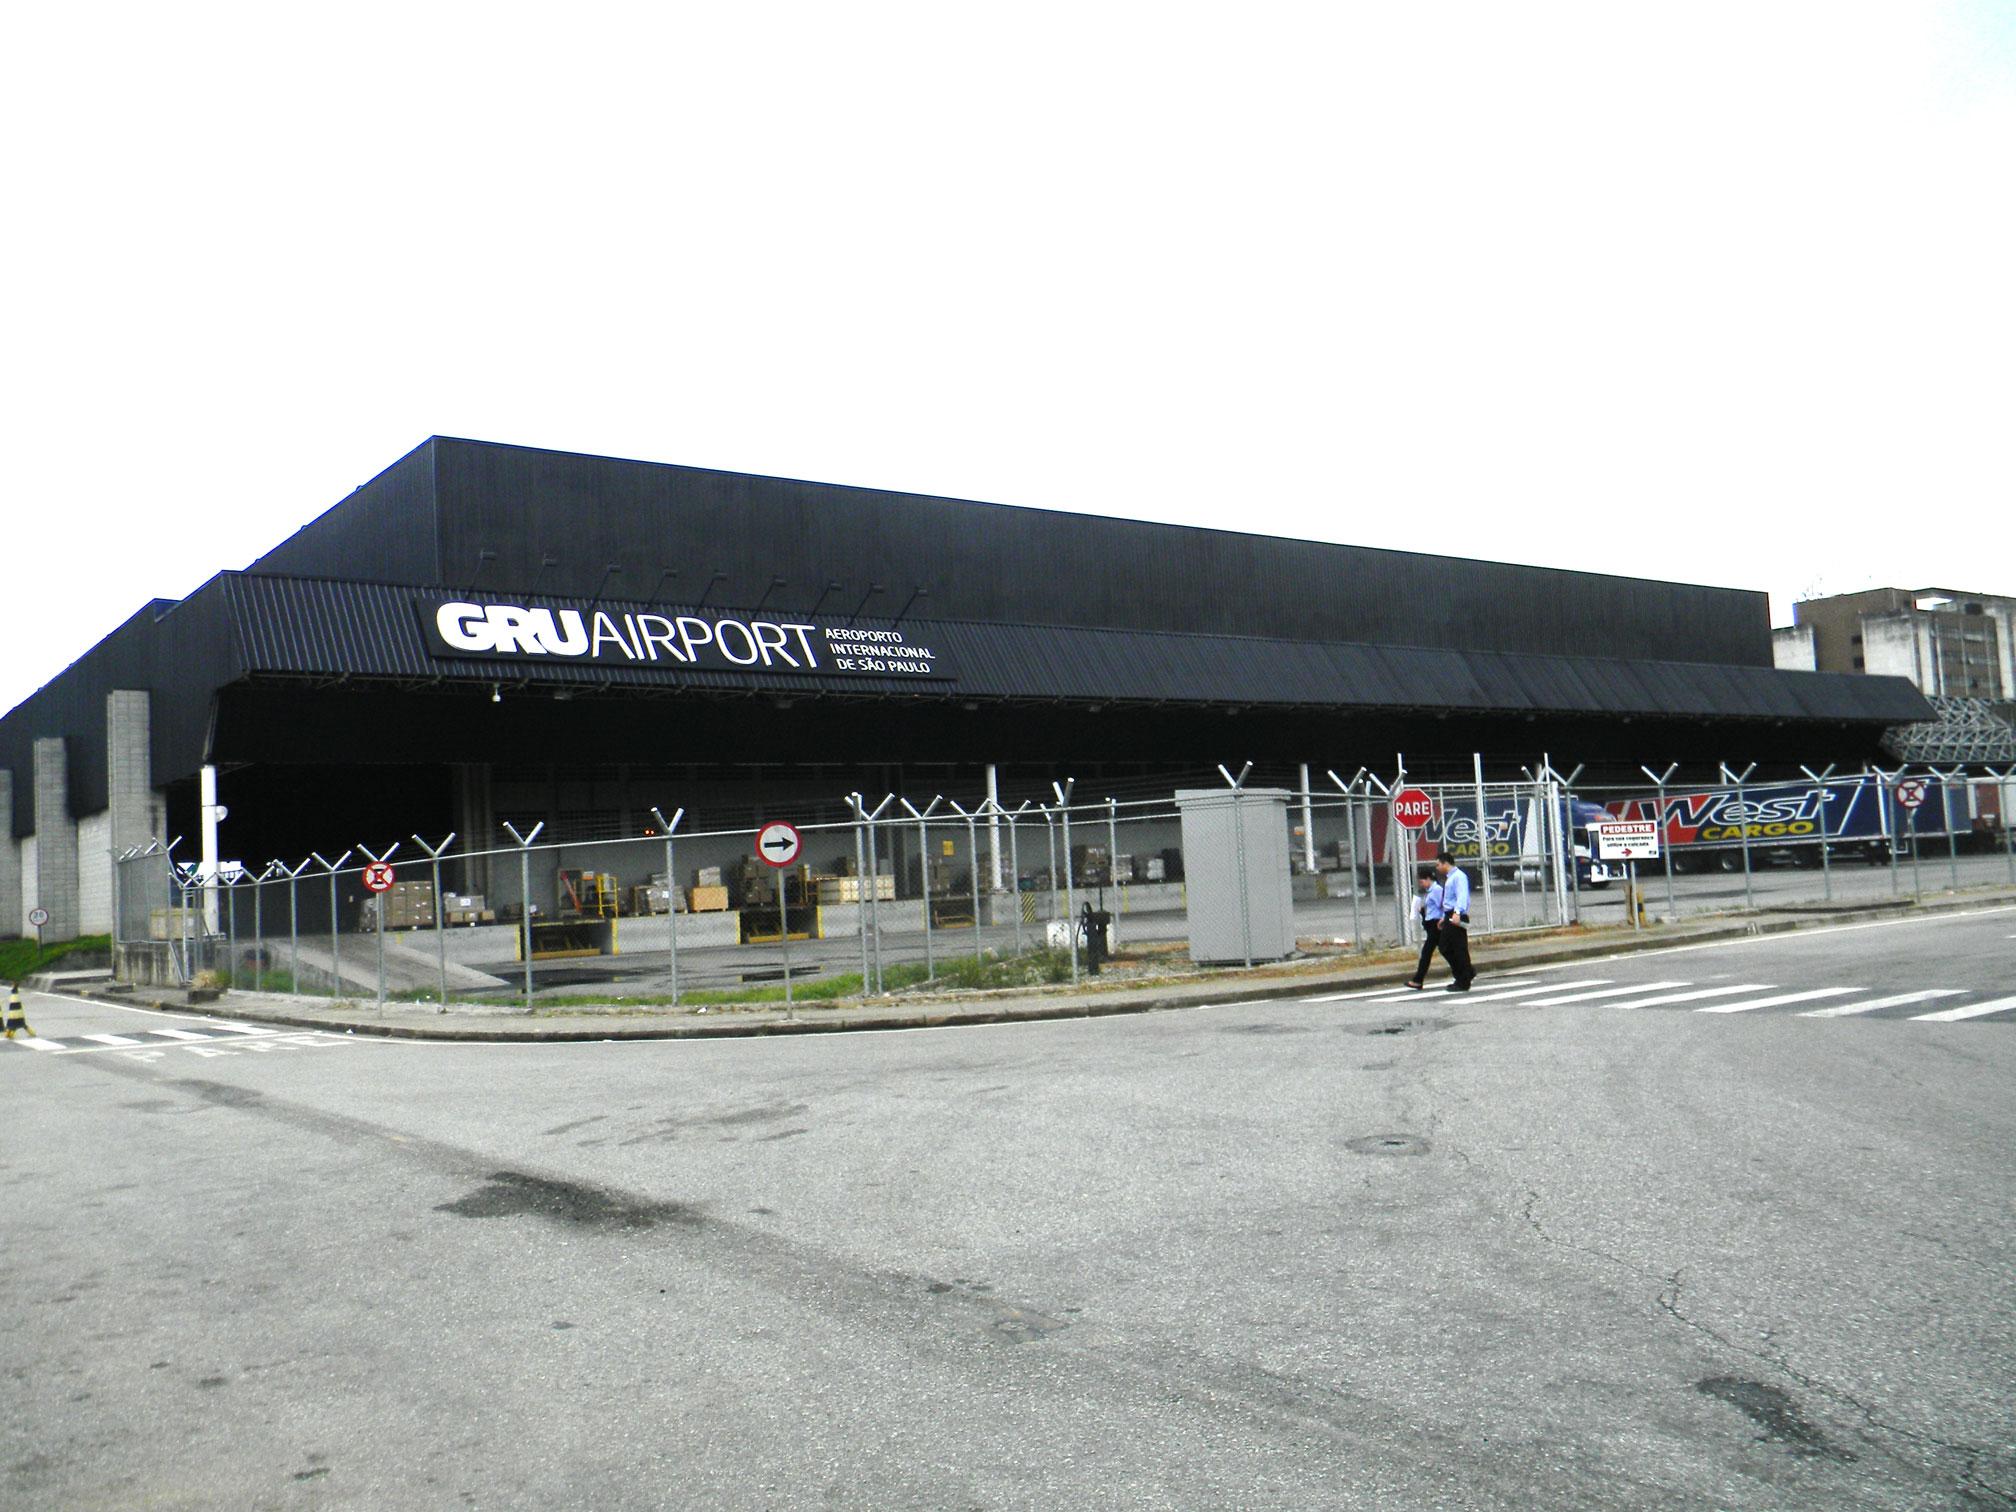 GRU – Aeroporto Internacional de Guarulhos SP